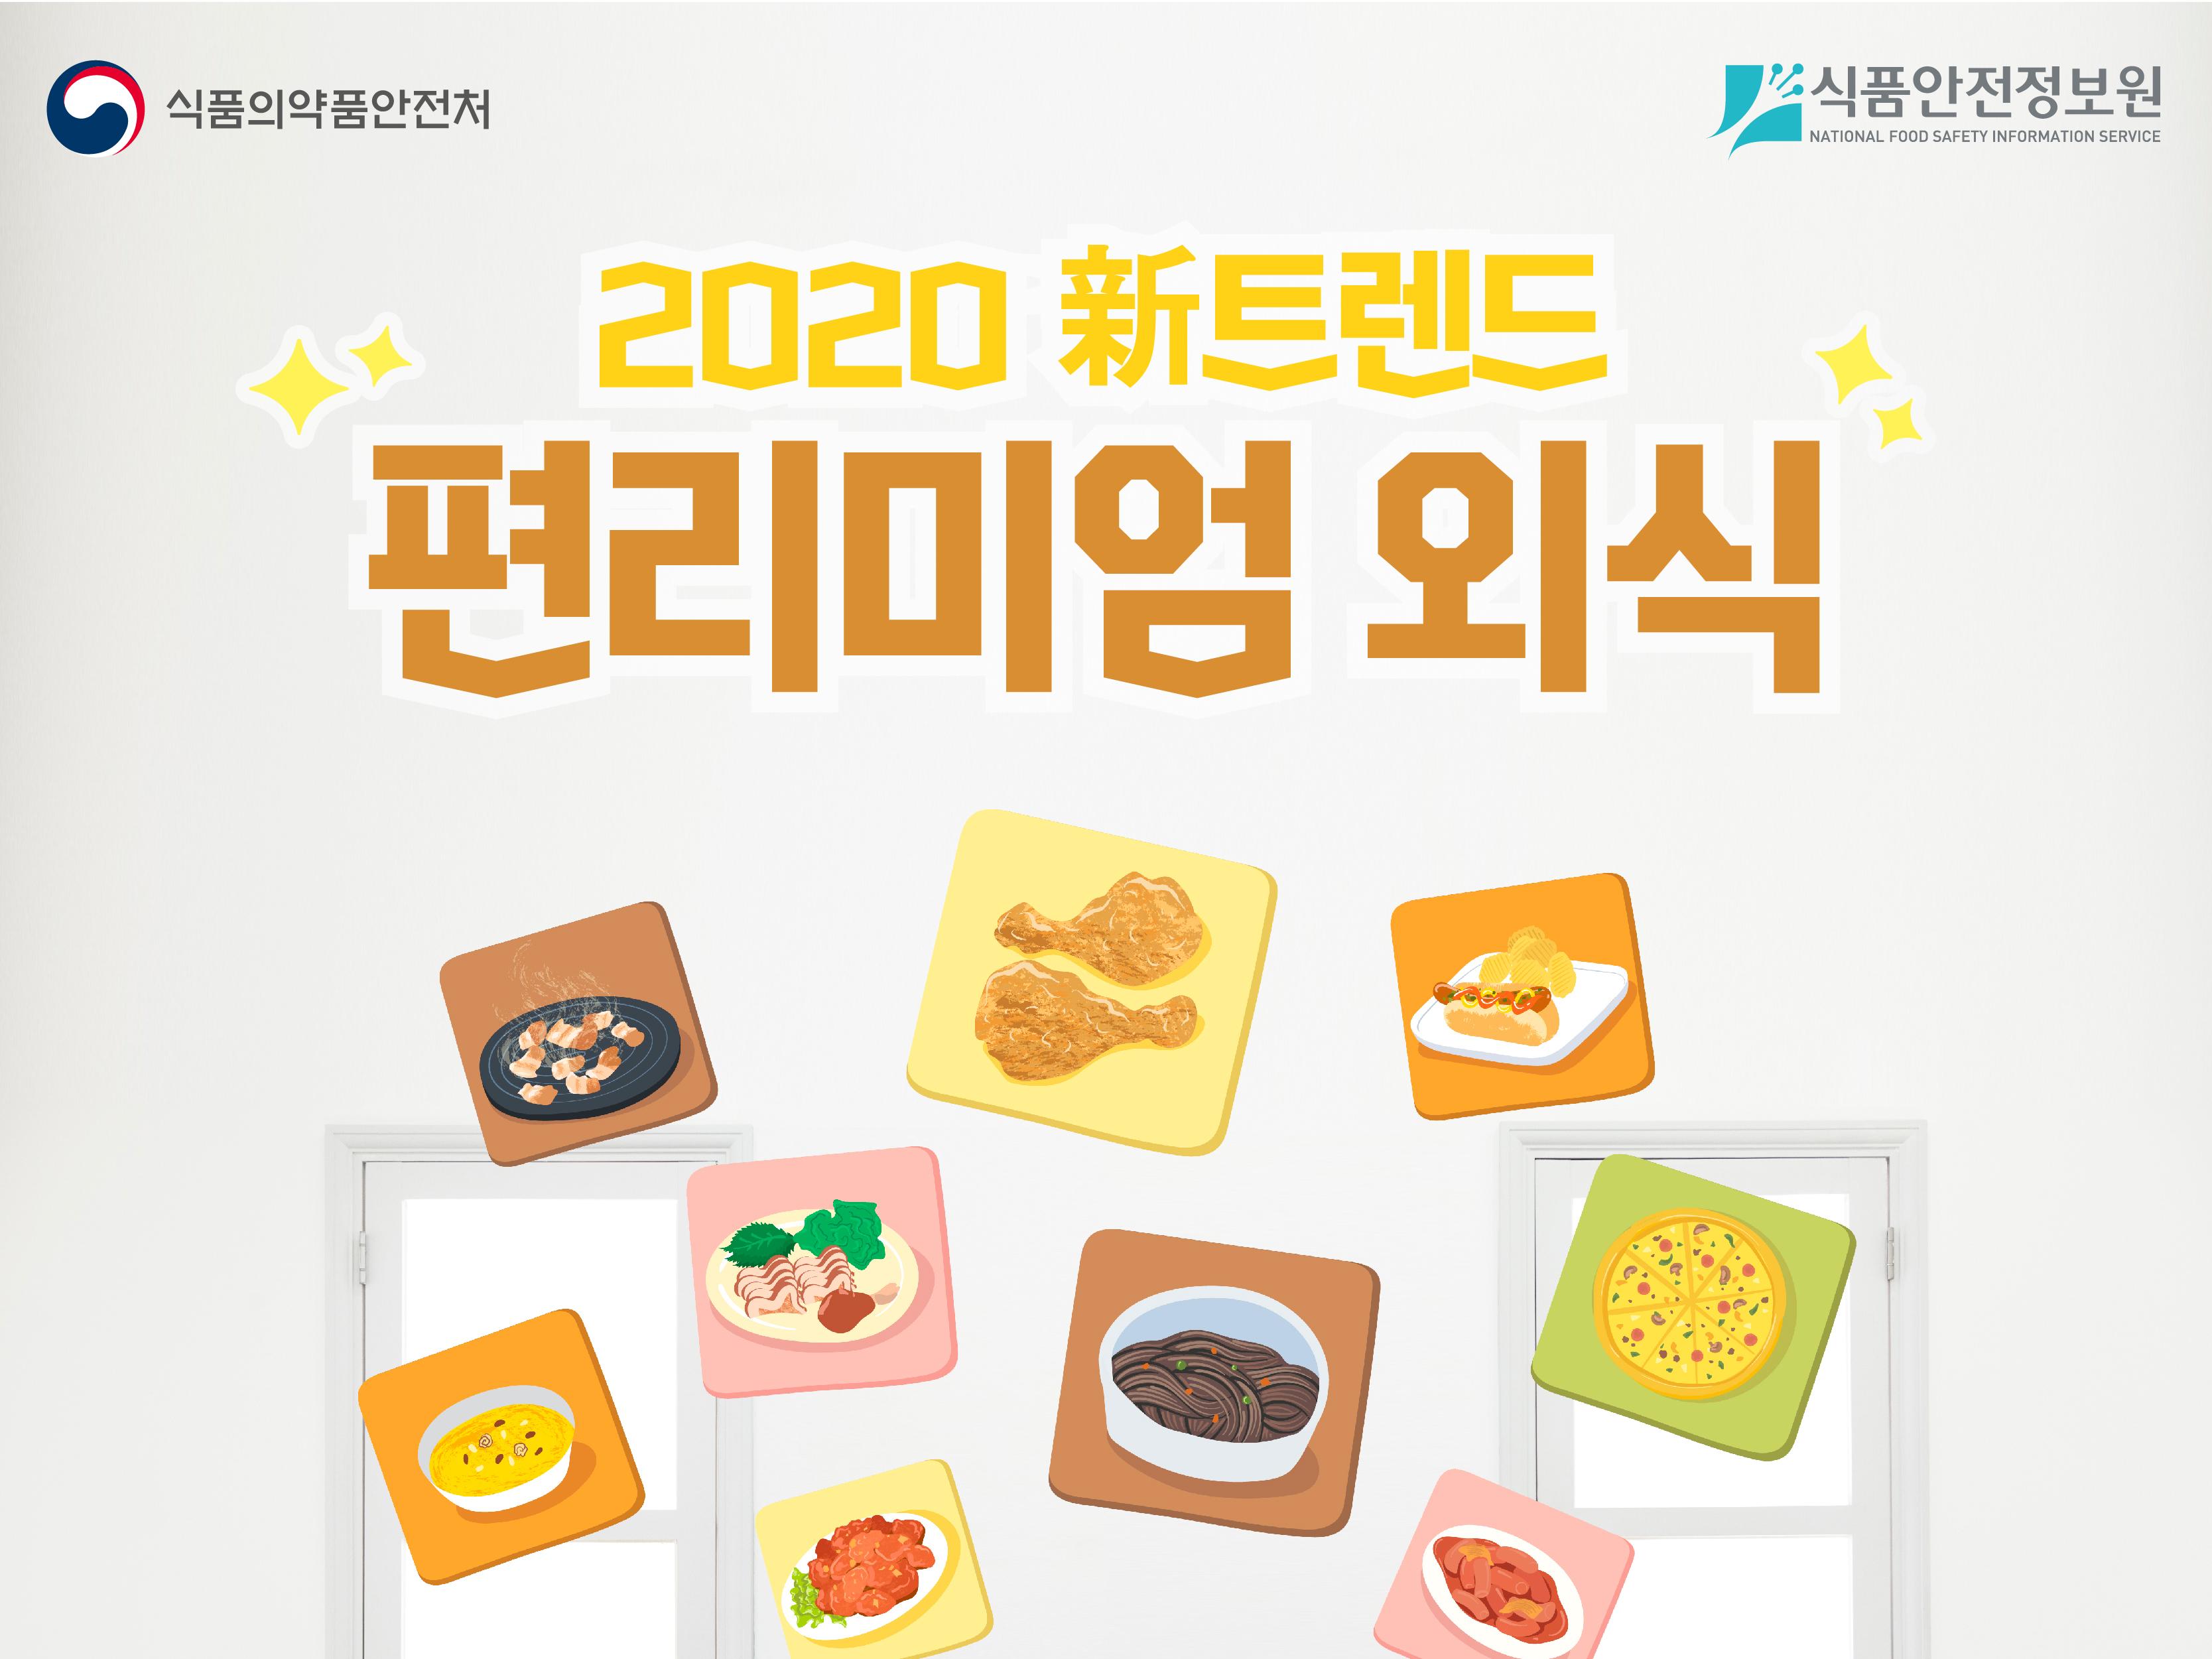 인포그래픽 2020년 新트랜드, 편리미엄 이미지